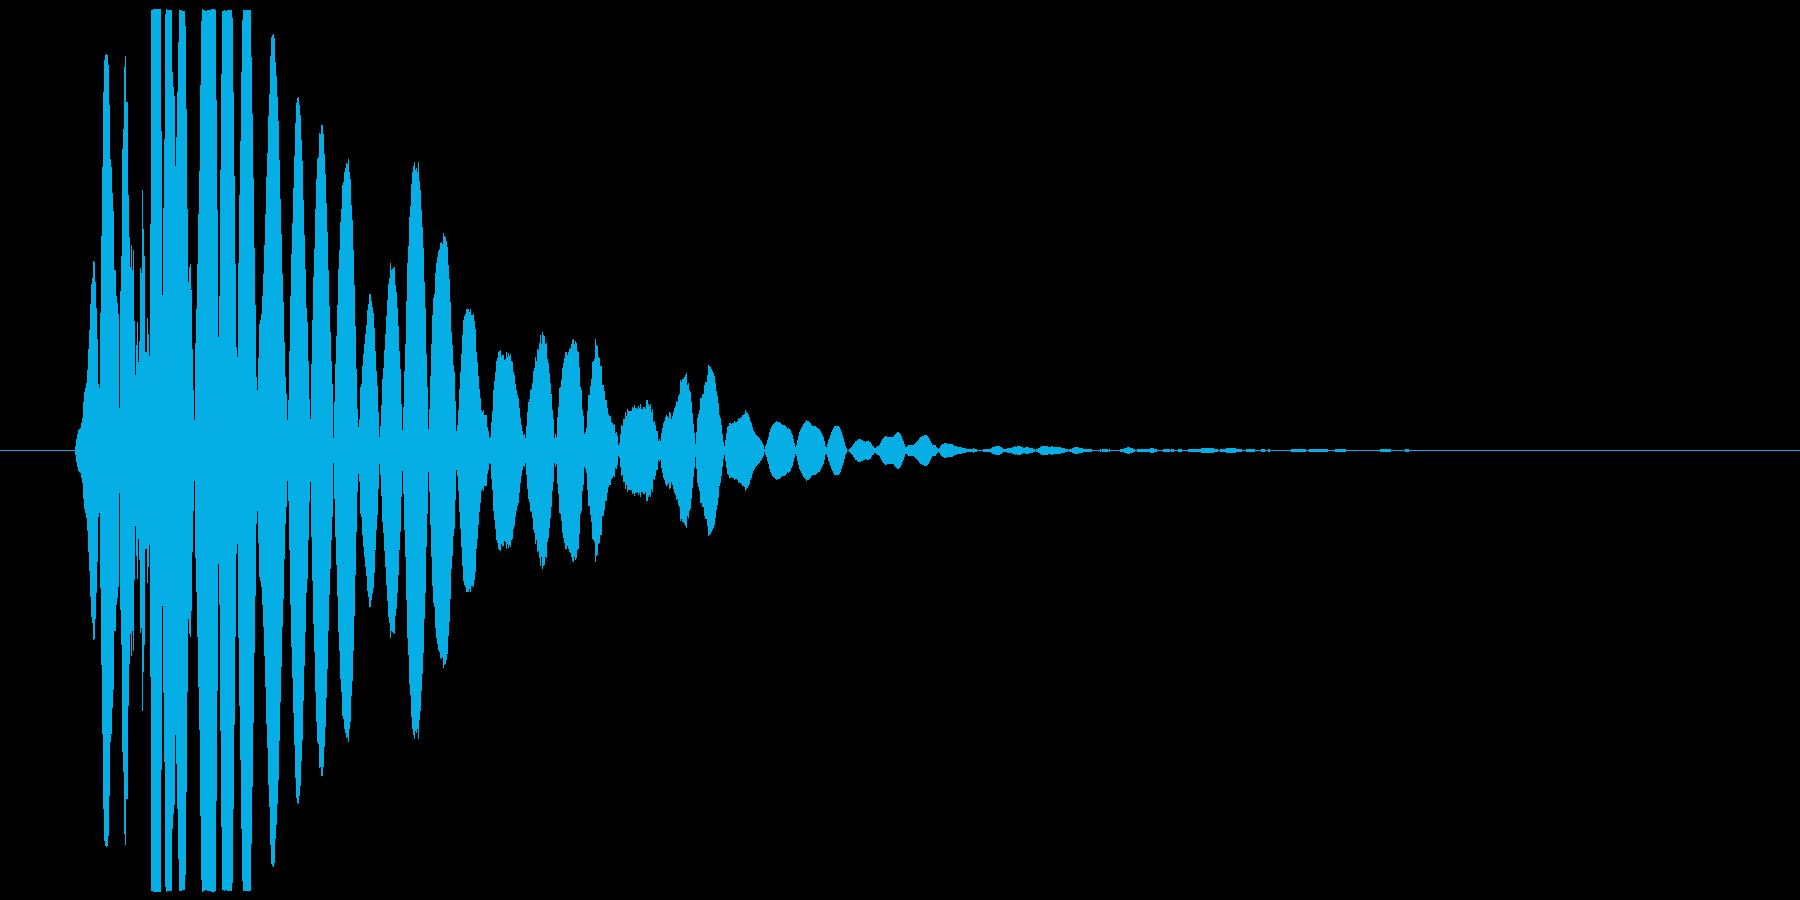 ドンッ、ドシャッ(倒れる、打撃、低音)の再生済みの波形